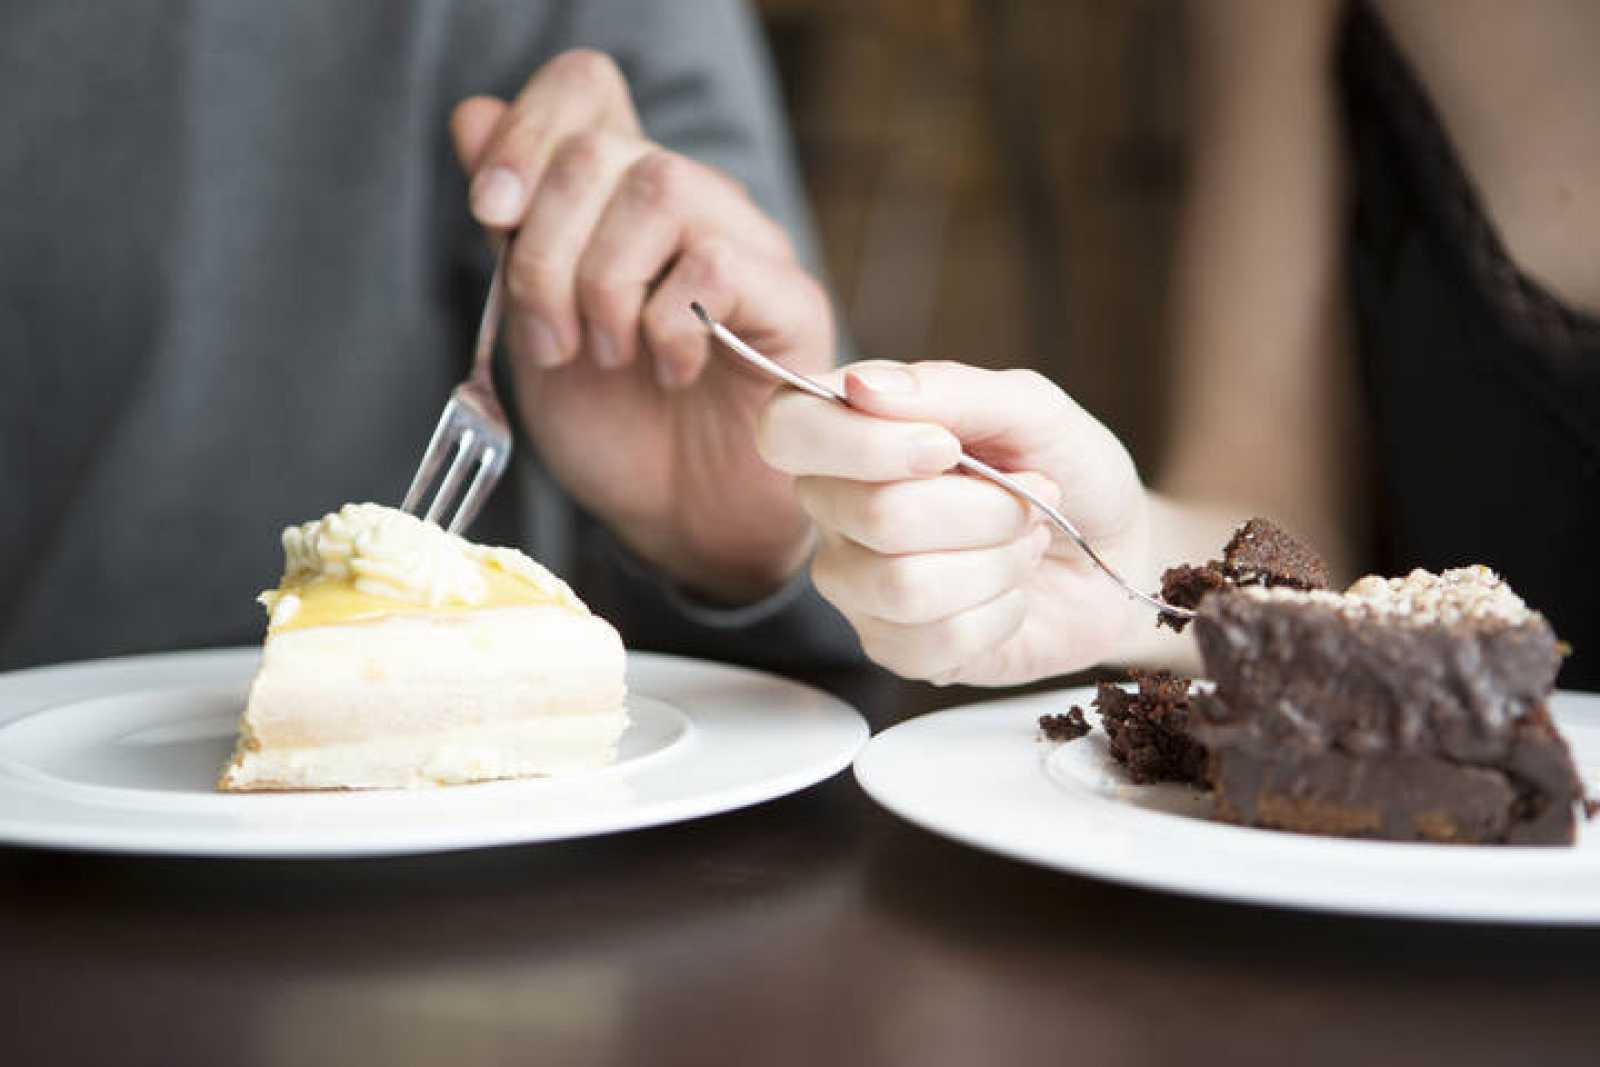 Una pareja comiendo tarta.